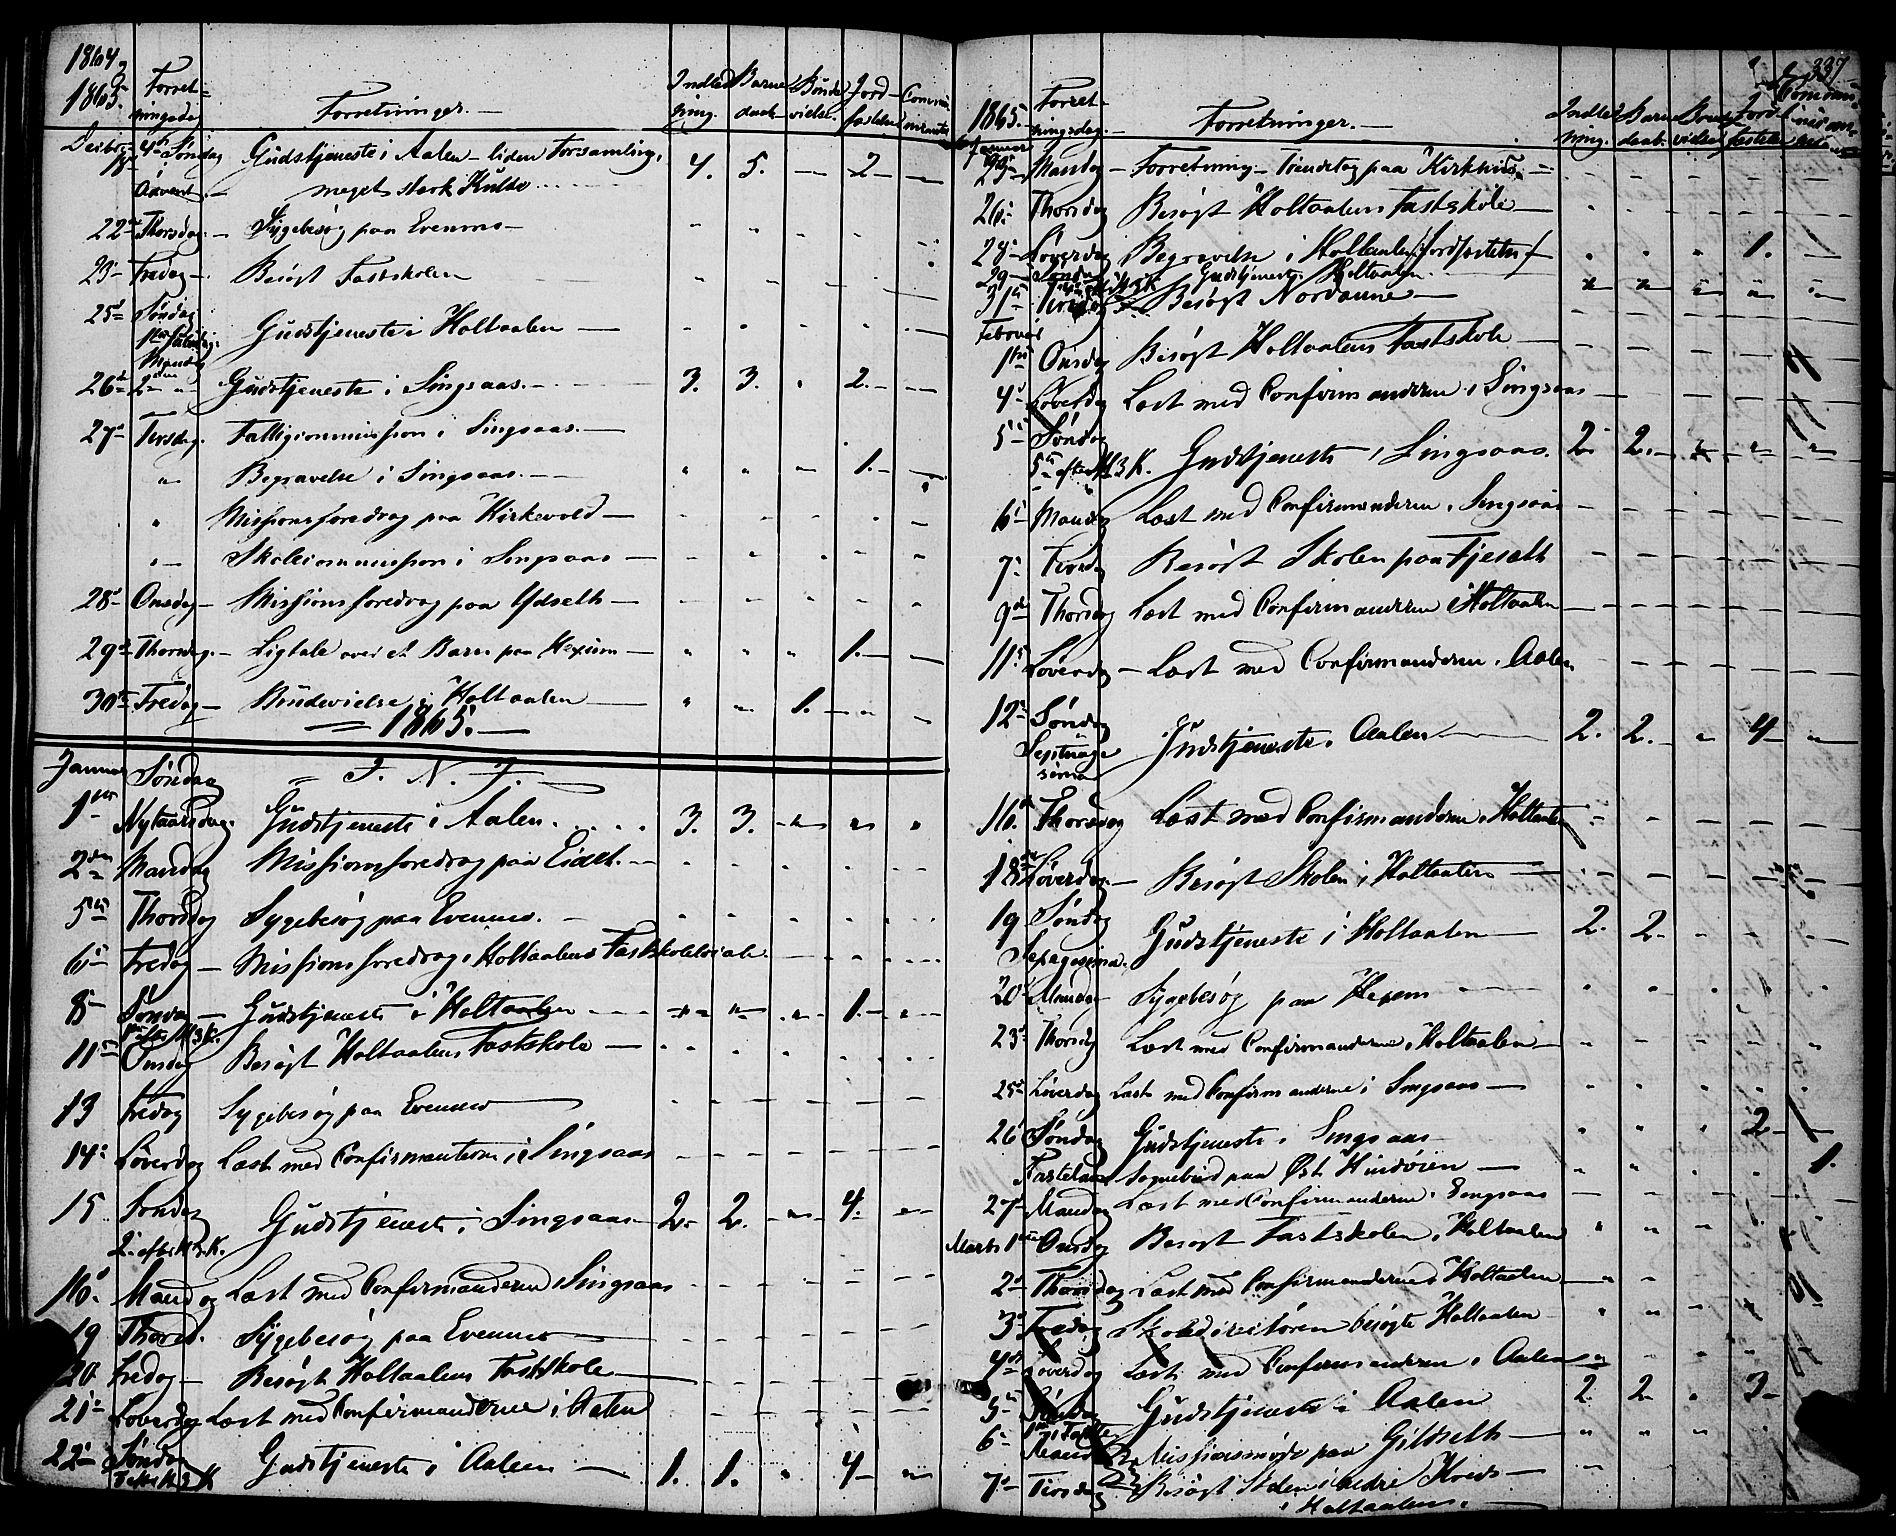 SAT, Ministerialprotokoller, klokkerbøker og fødselsregistre - Sør-Trøndelag, 685/L0966: Ministerialbok nr. 685A07 /1, 1860-1869, s. 335